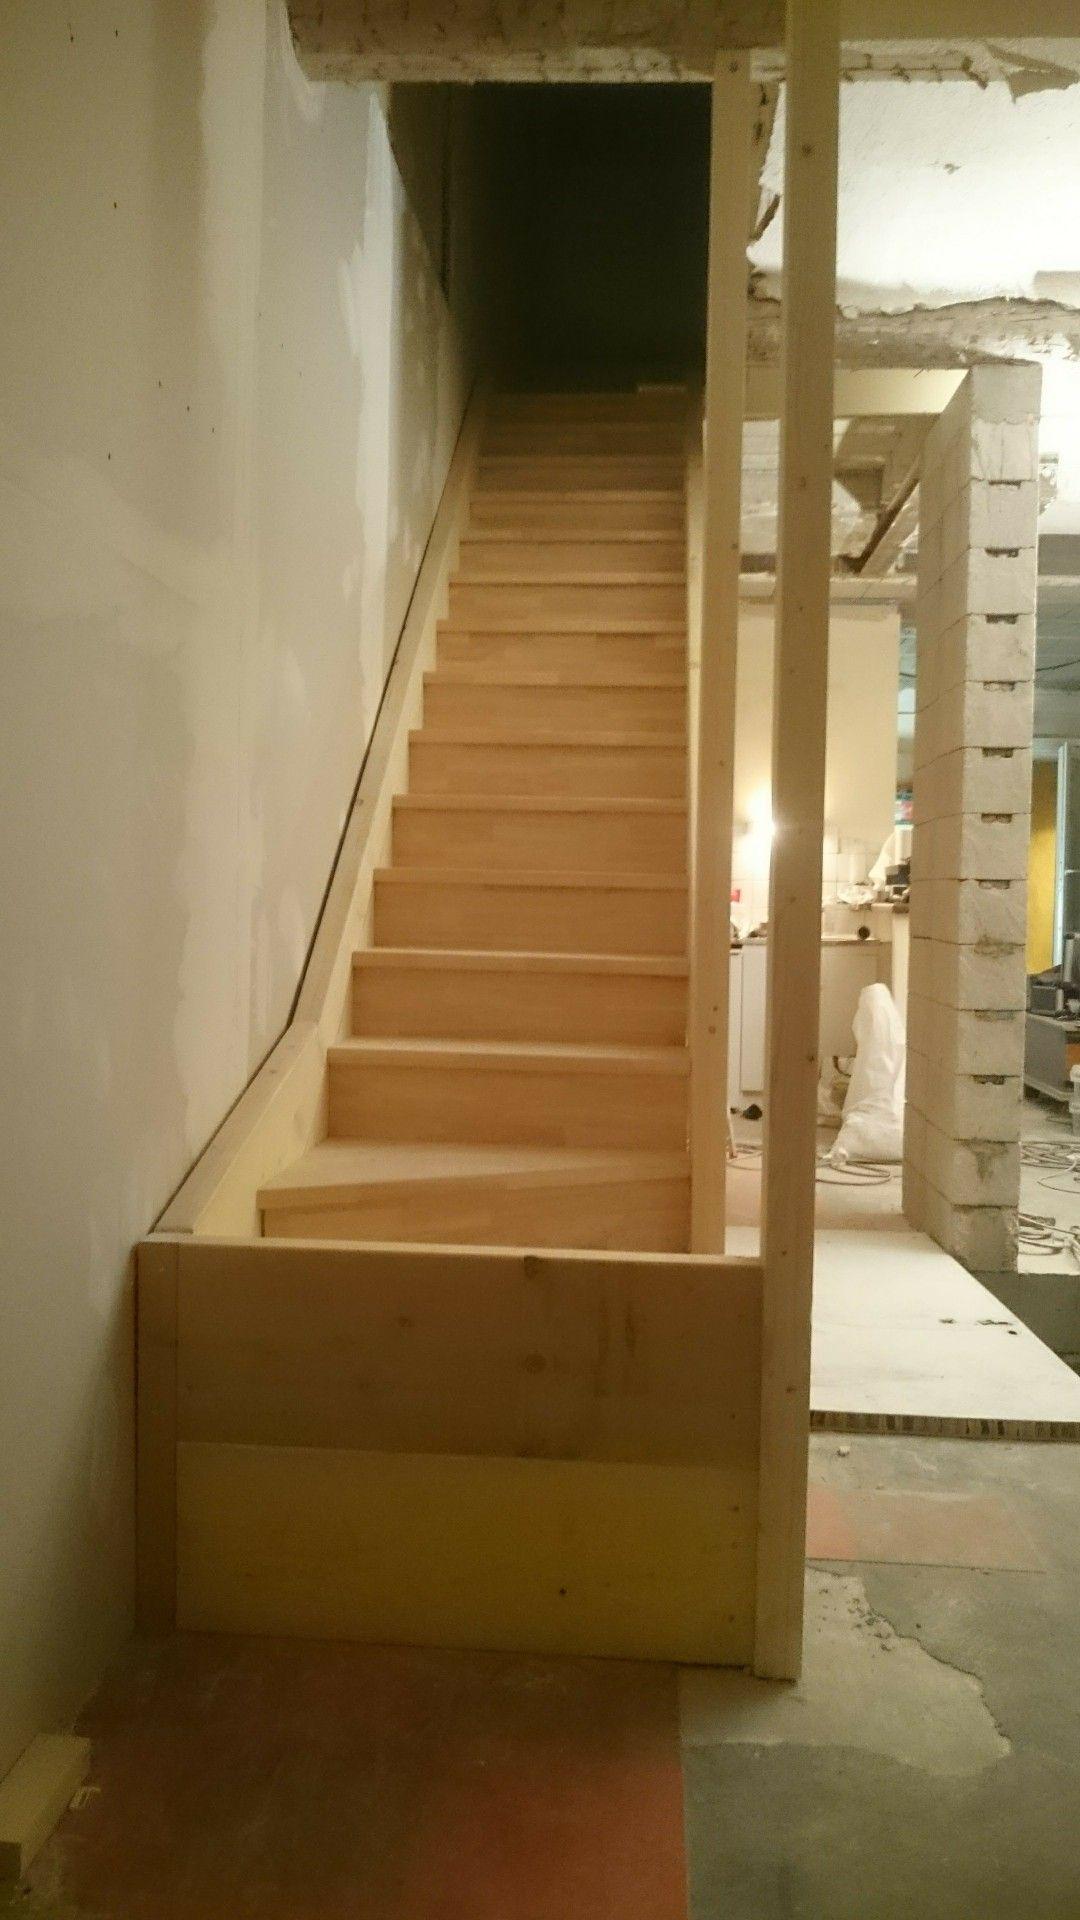 Escalier Bois Pin Evea Avec Images Escalier Bois Fait